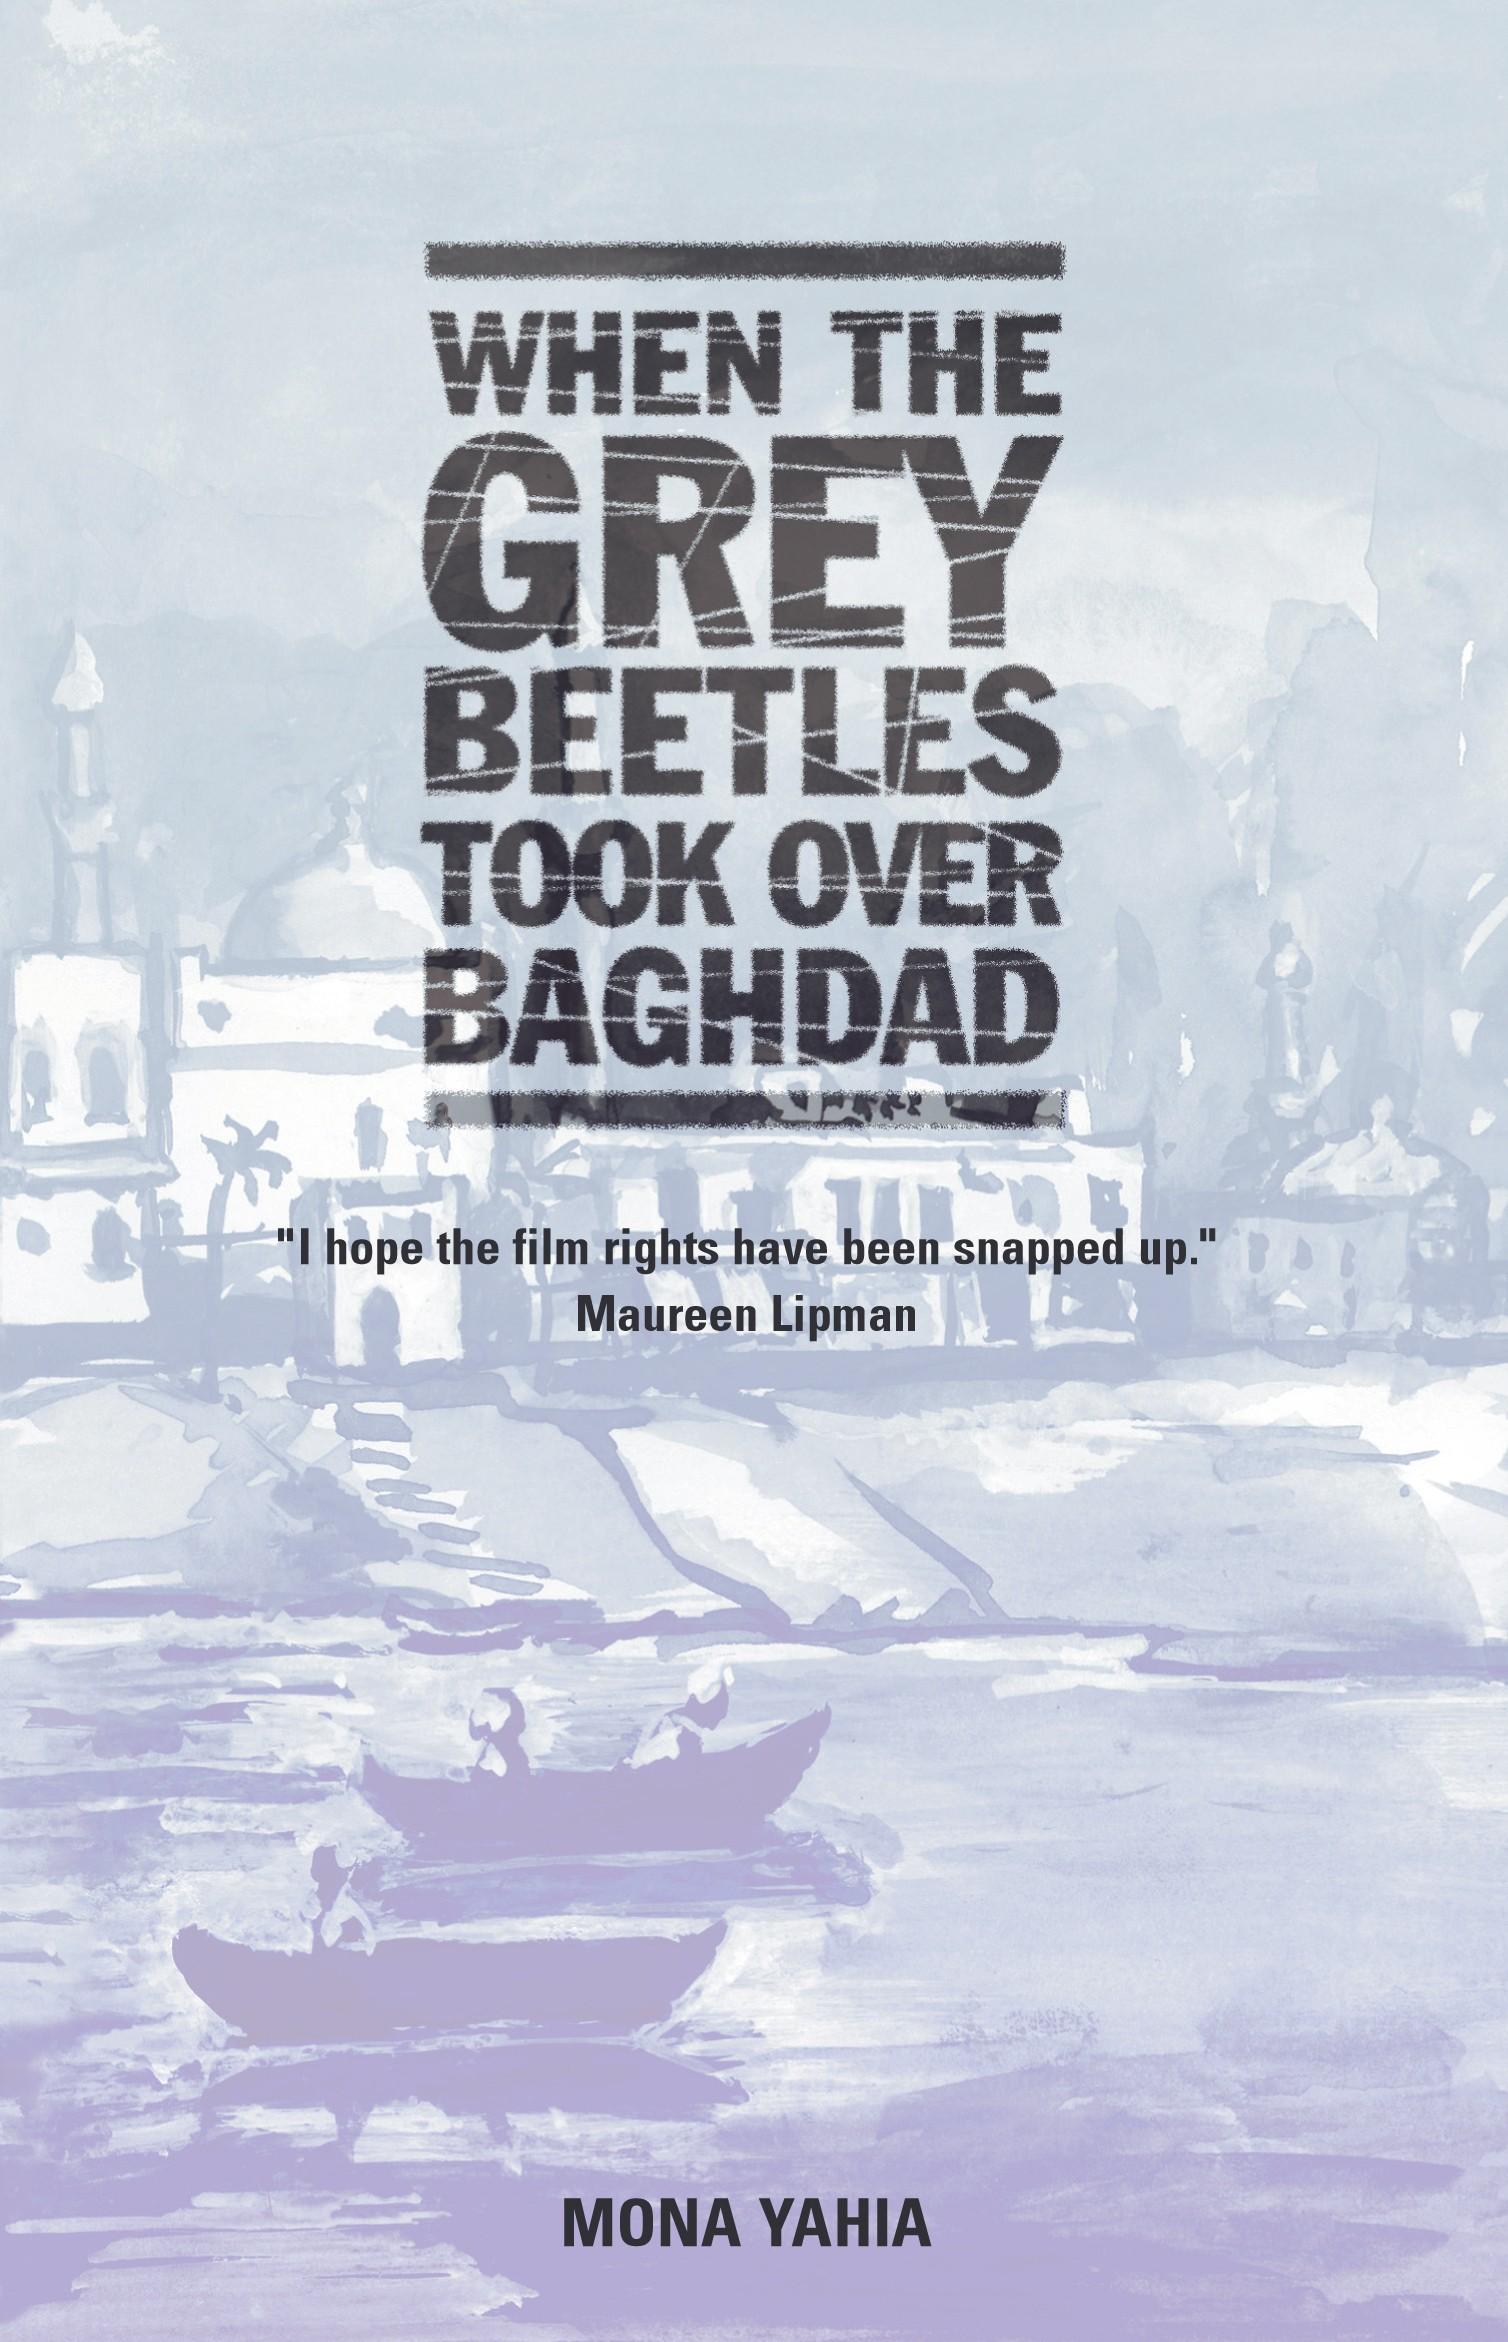 When The Grey Beetles Took Over Baghdad 9781905559336.jpg